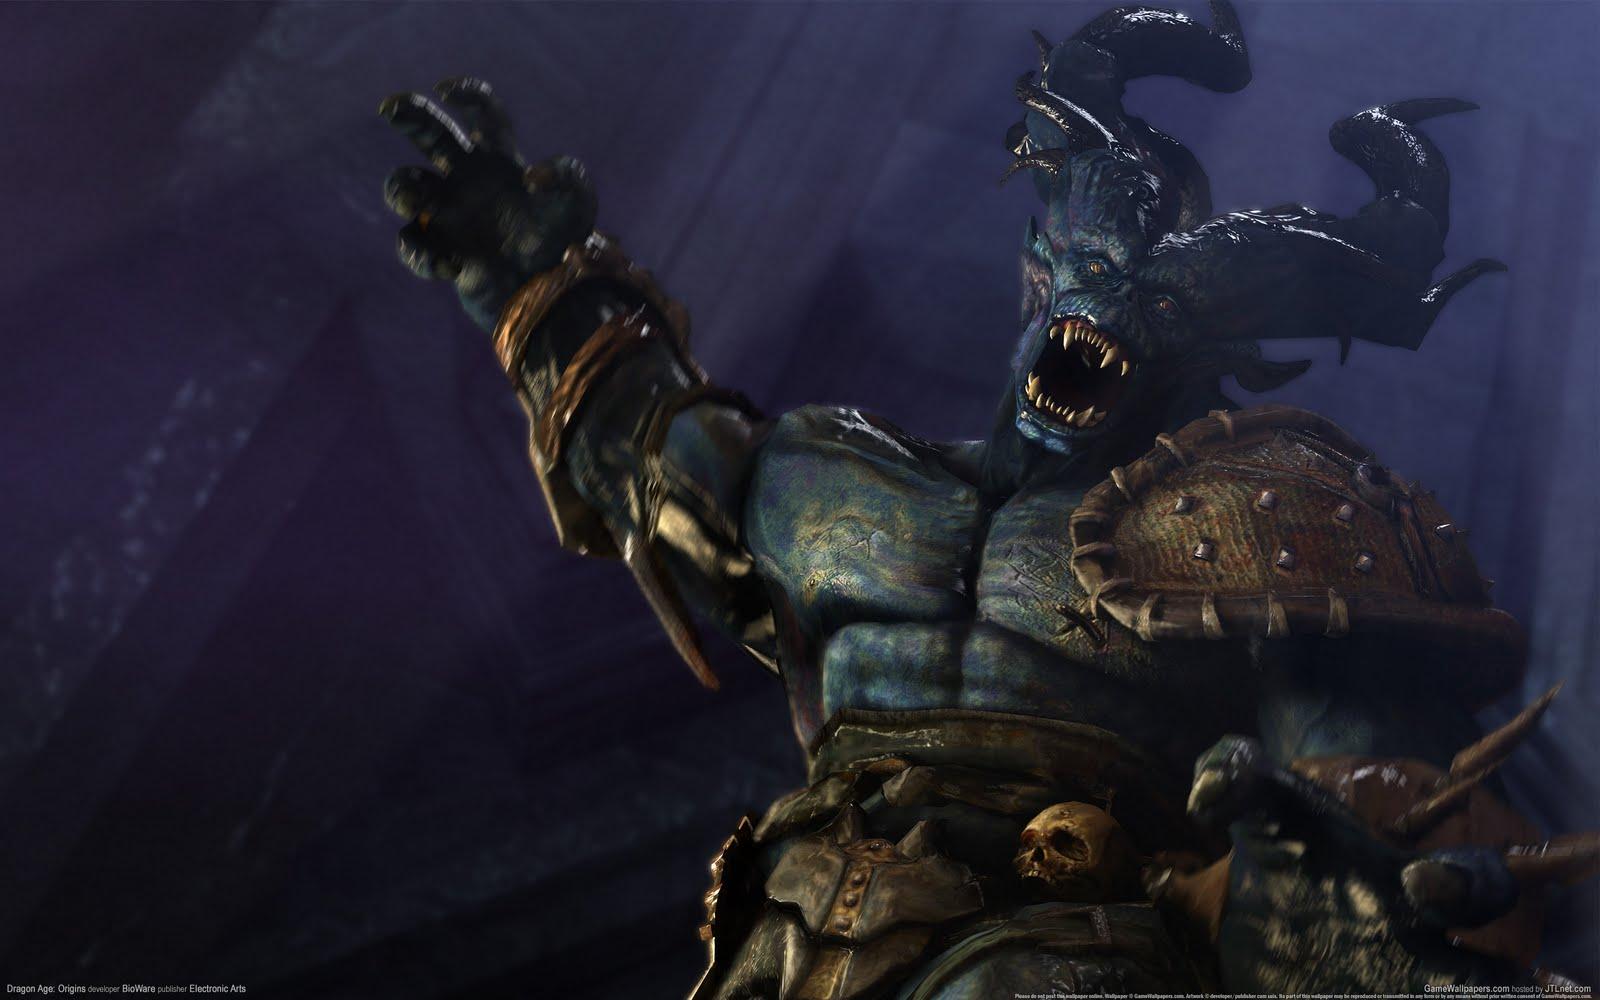 jami burch: dragon age origins wallpaper